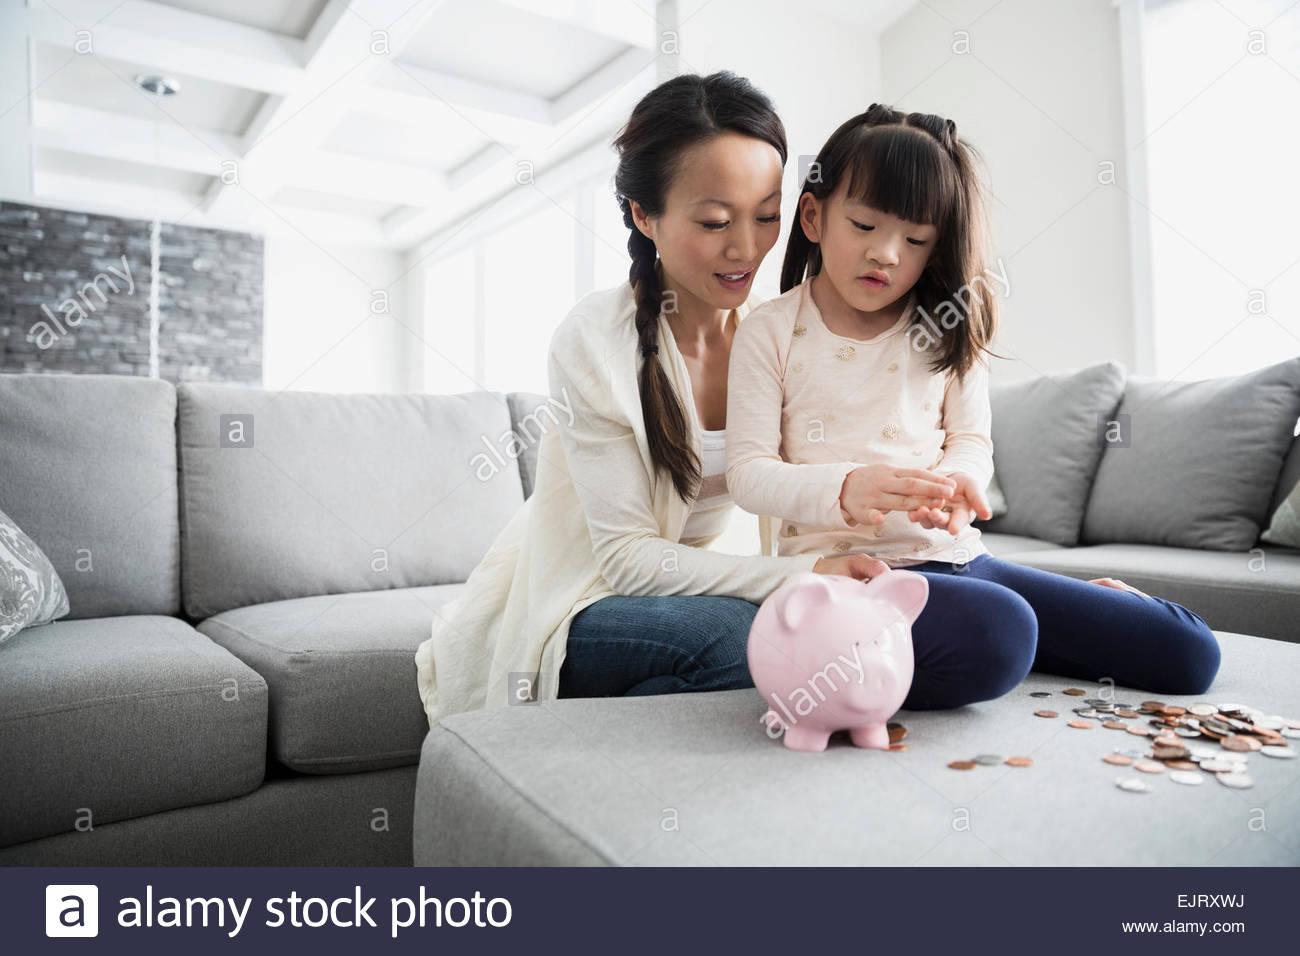 Mère et fille à compter des pièces à partir de la tirelire Photo Stock